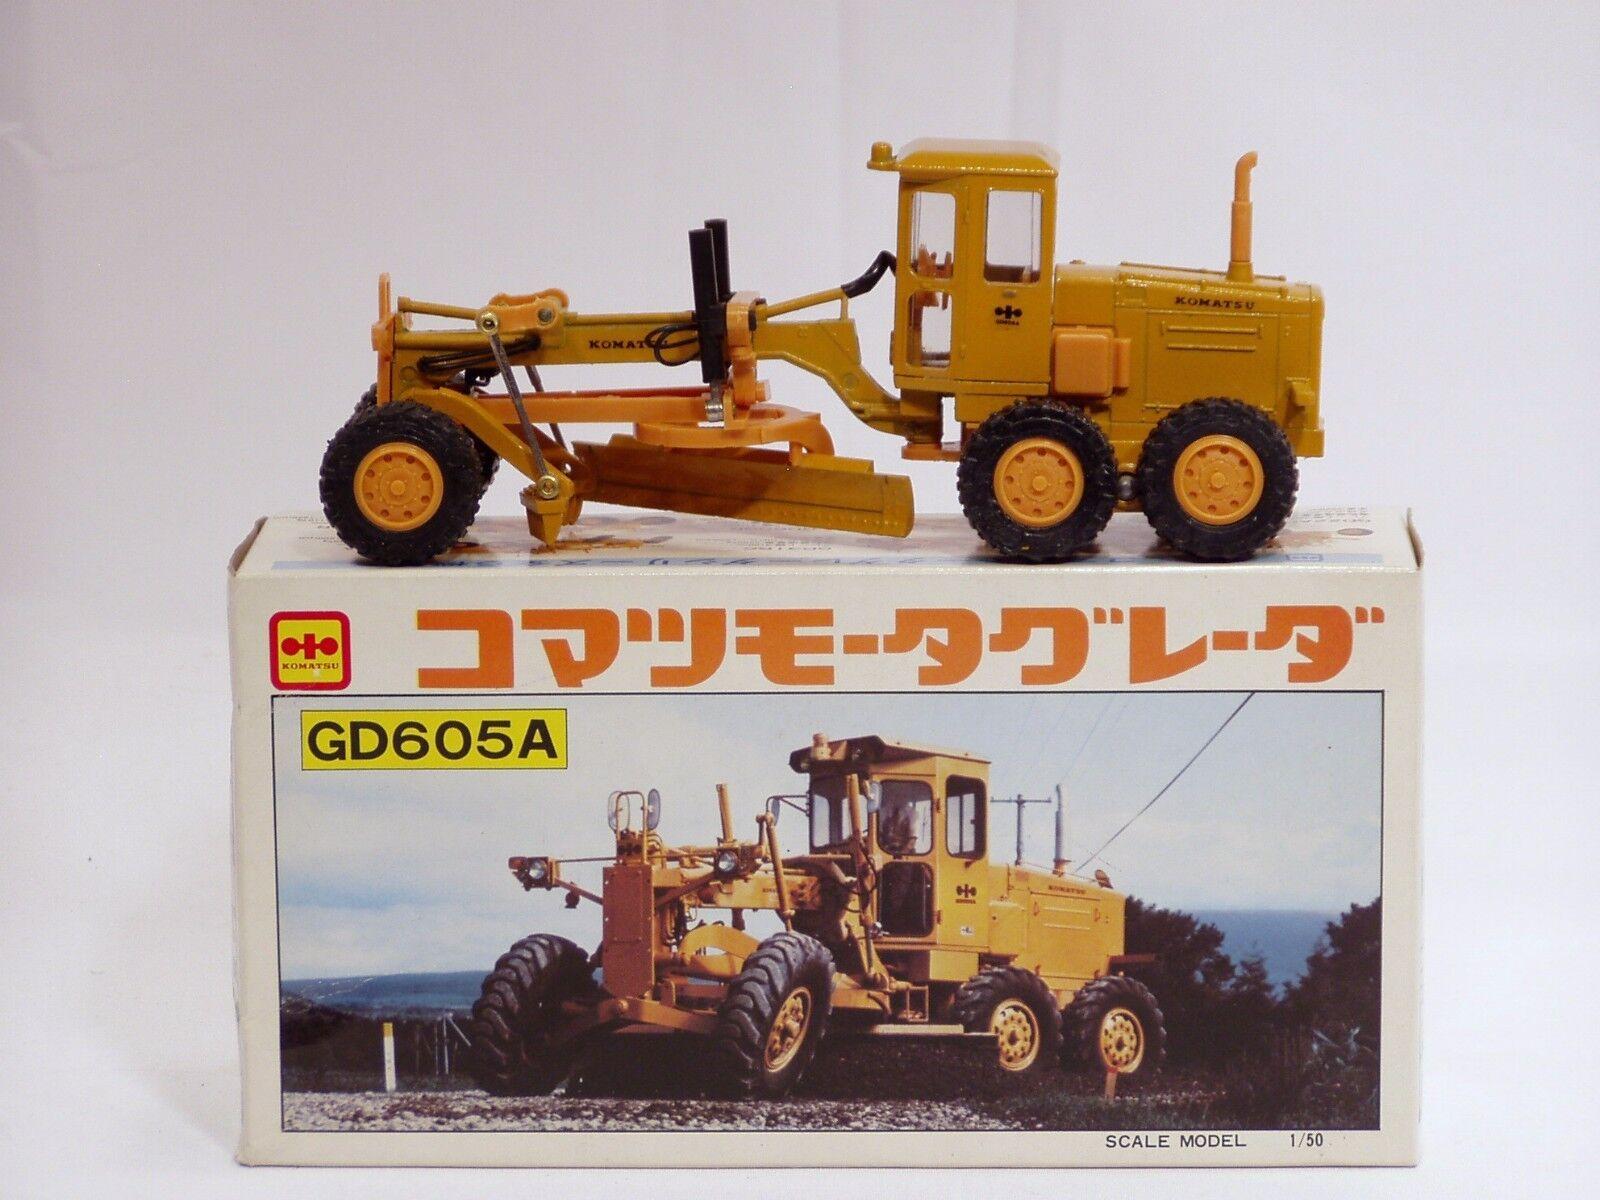 descuento de ventas en línea Komatsu GD605A grado-N C - 1 50 - DIAPET Yonezawa Yonezawa Yonezawa  T-74 - sin Usar, En Caja  precios bajos todos los dias